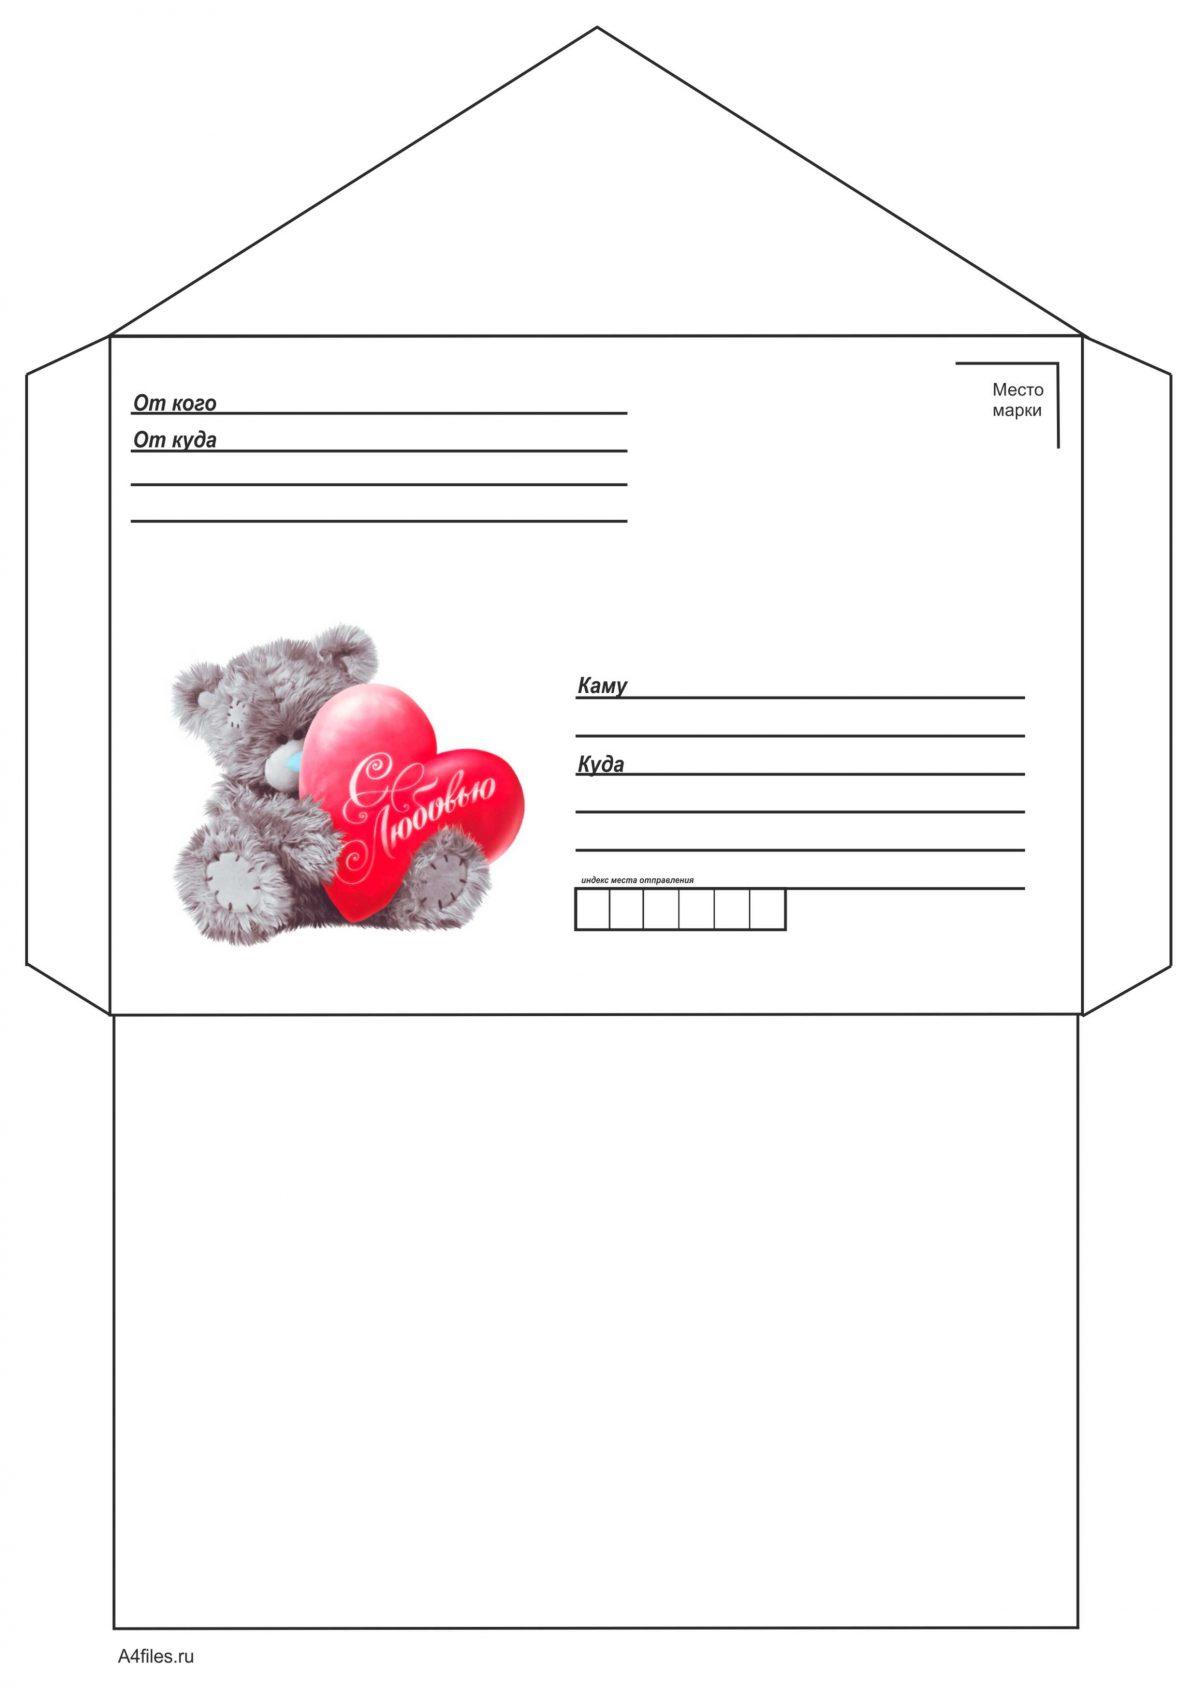 спальни распечатать конверт на принтере картинки рецепты приготовления